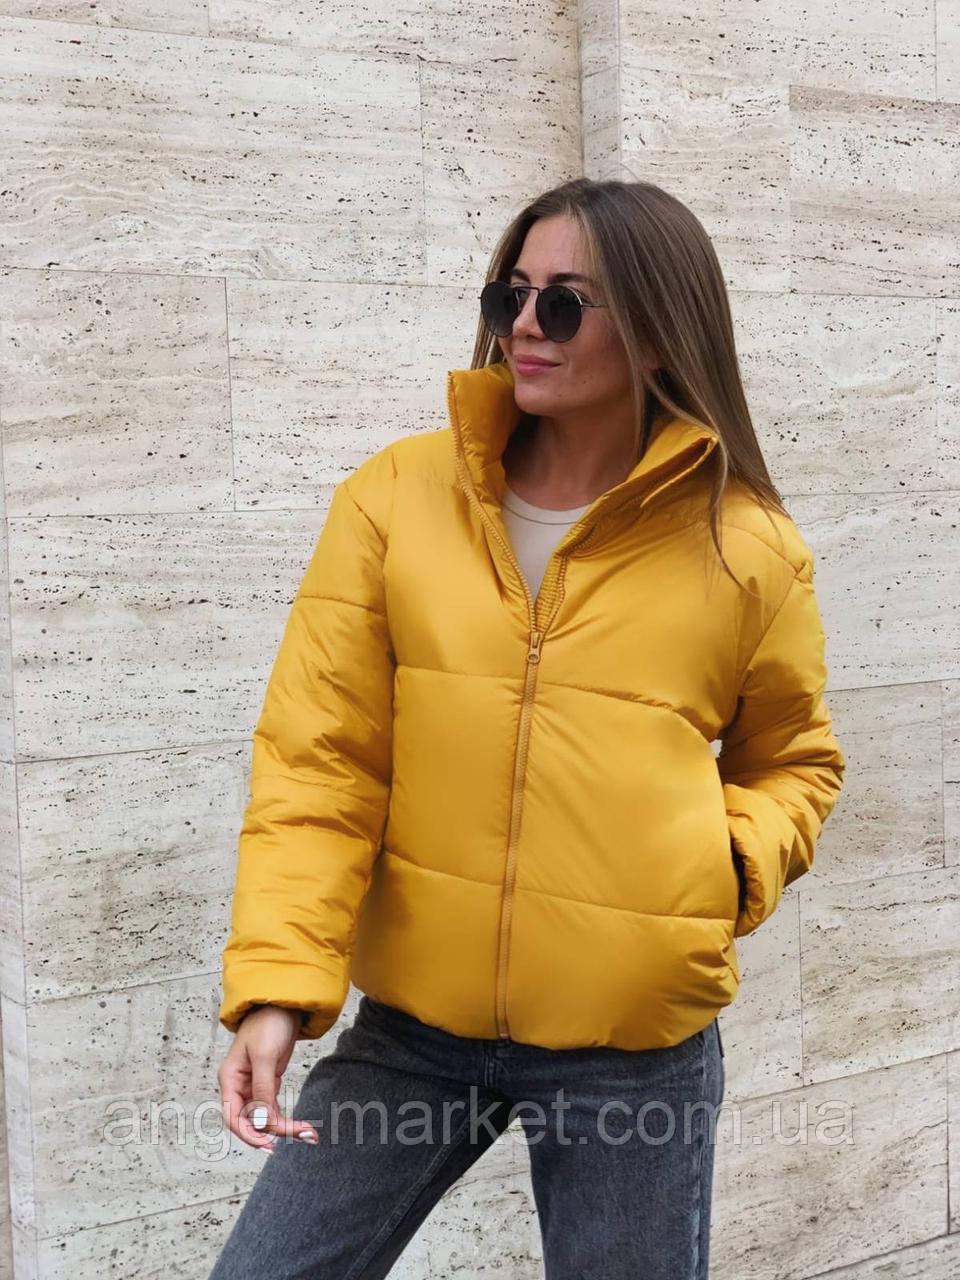 Зимняя женская  куртка с воротником стойка .Новинка 2020